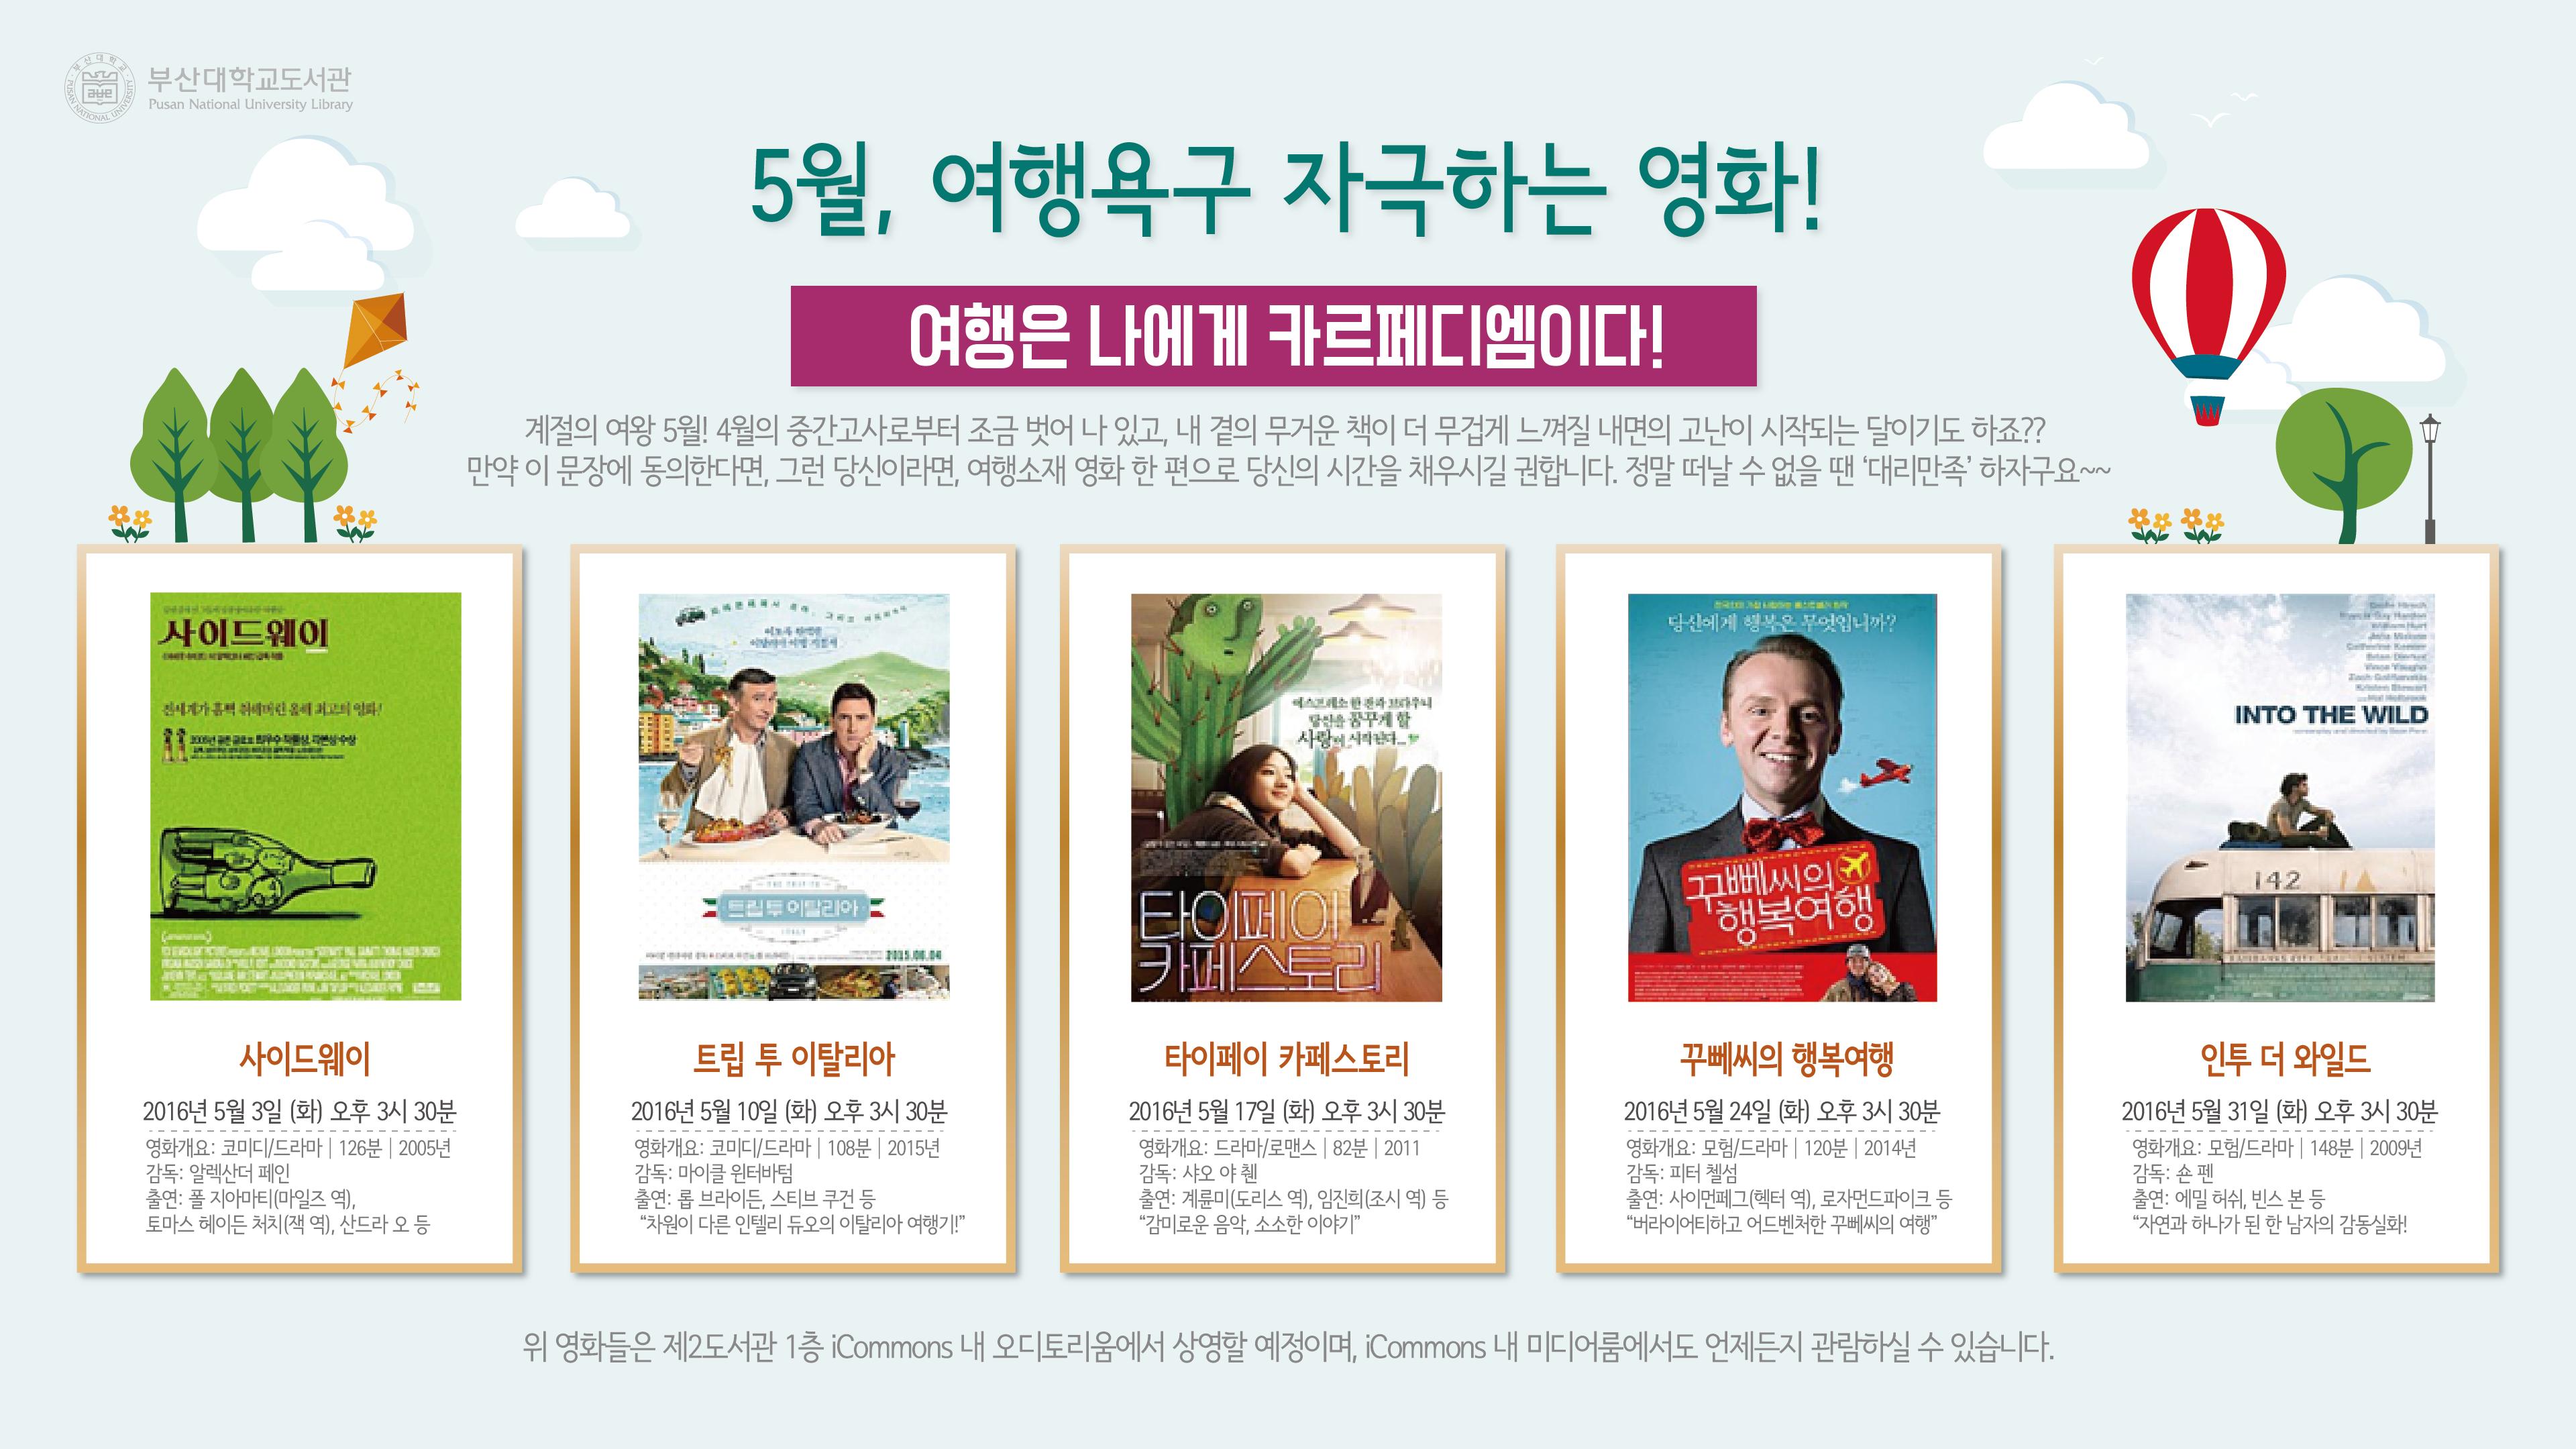 제2도서관 오디토리움 2016년 5월 영화상영 안내